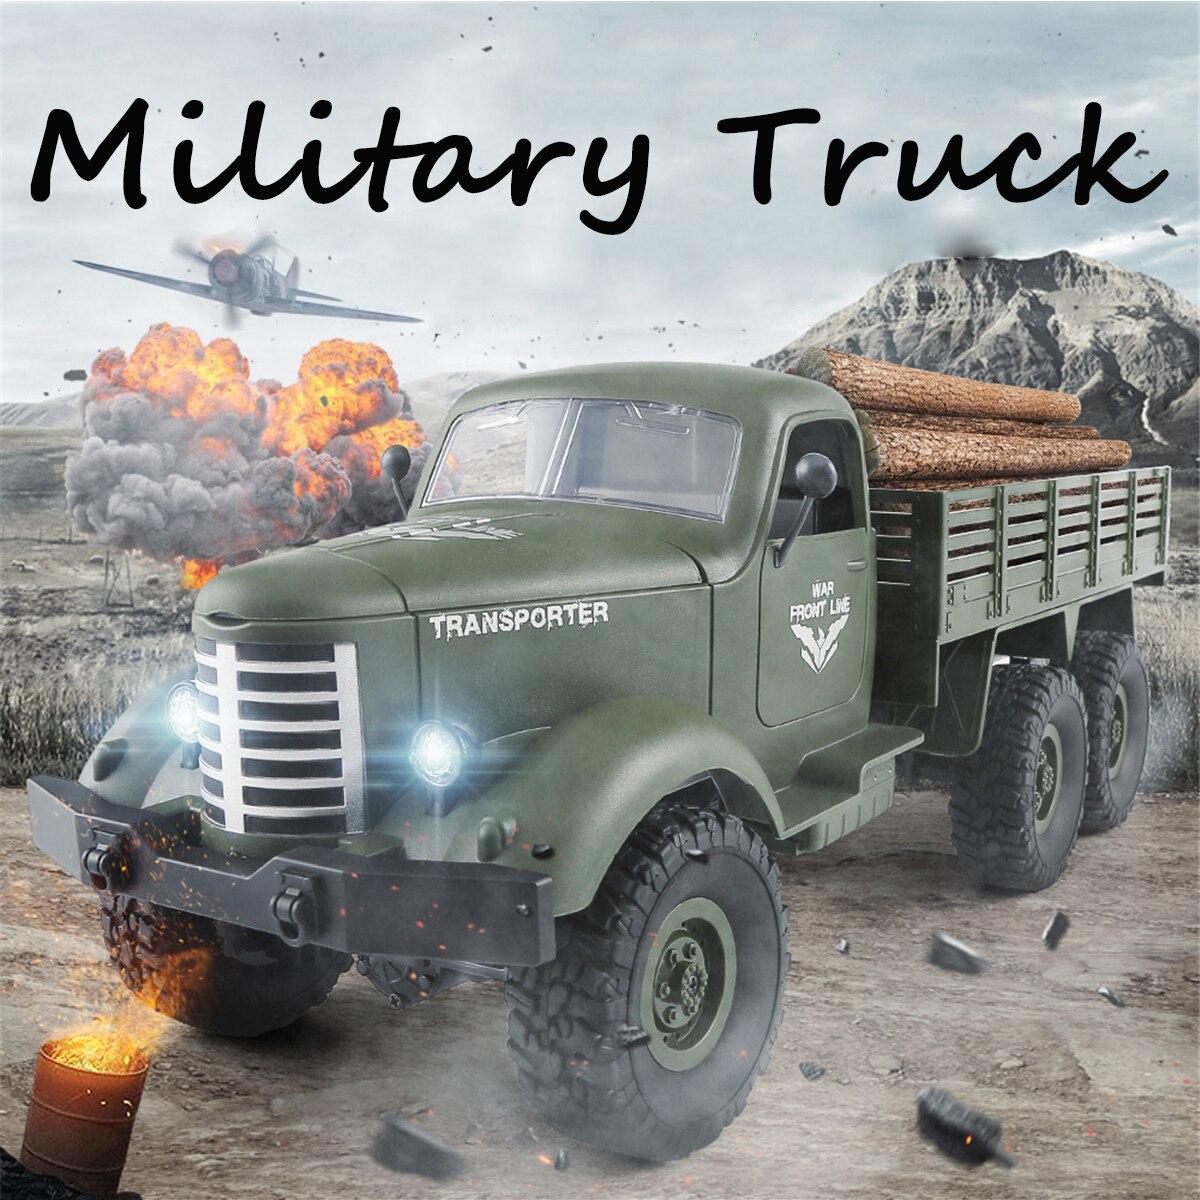 JJRC 6 колес автомобильный трактор детский автомобиль дистанционное управление 2.4g 6WD гусеничный внедорожный военный грузовик управление авт...